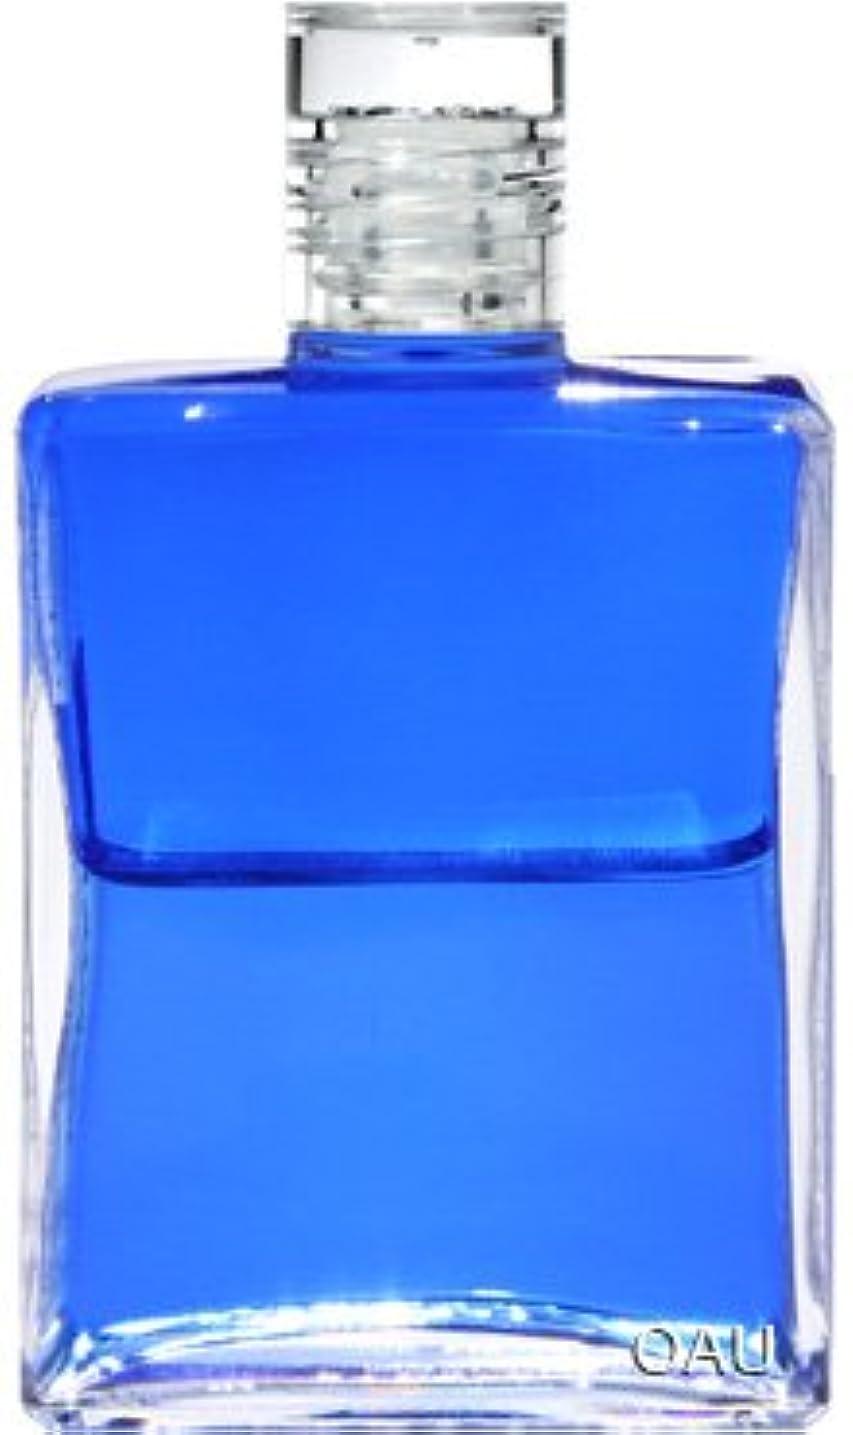 真向こう不名誉な顕現オーラソーマ イクイリブリアム ボトル B002 50ml ピース(平和) 「 内なる真の平和と繋がる」(使い方リーフレット付)